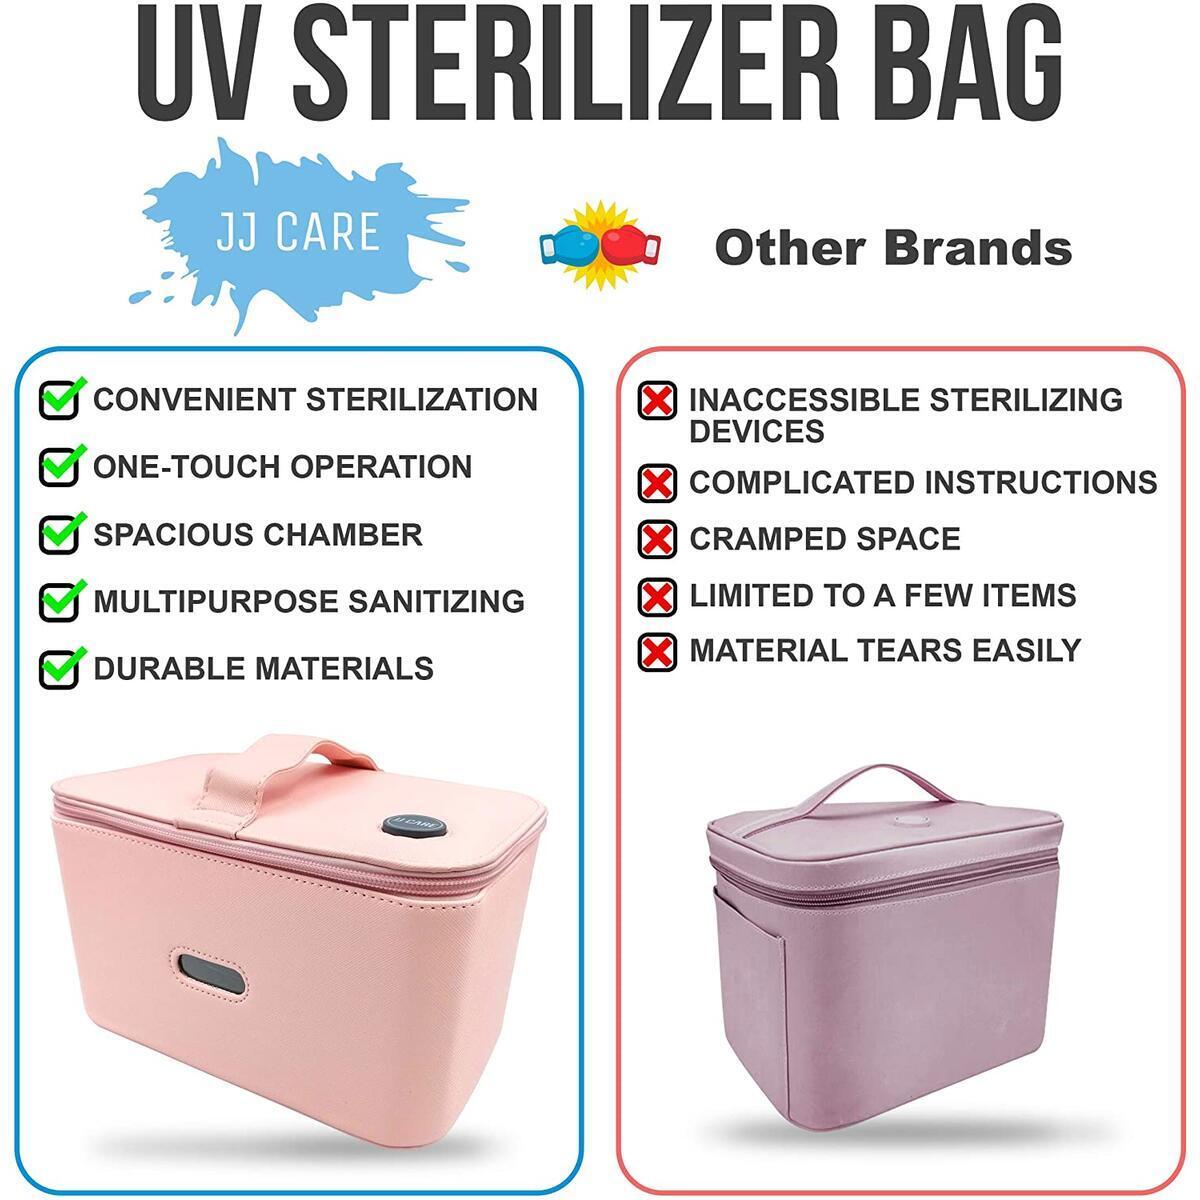 UV Light Sanitizer Bag - LED UV Disinfection Bag with 6 Bead Lights, 99.9% Effective UV Sterilizer Bag for Phone, Wallet, Keys, Mask, Purse, UVC Bag for Baby Items, Remote & More! (Pink)